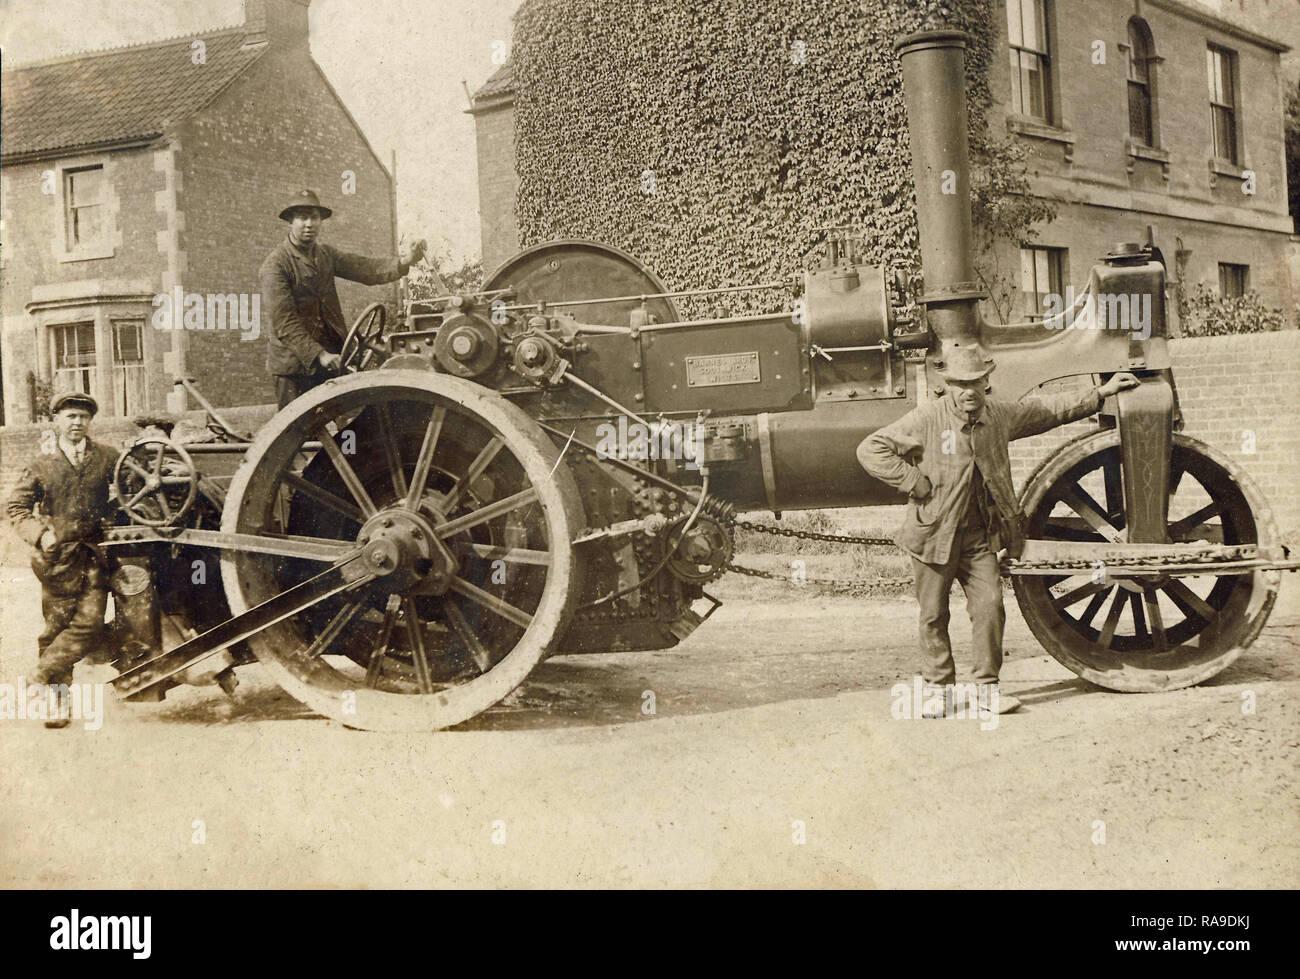 Archivio Storico di immagine del rullo compressore con equipaggio. Motore a vapore da Barnes fratelli di Southwick, Wiltshire. c1910s Immagini Stock